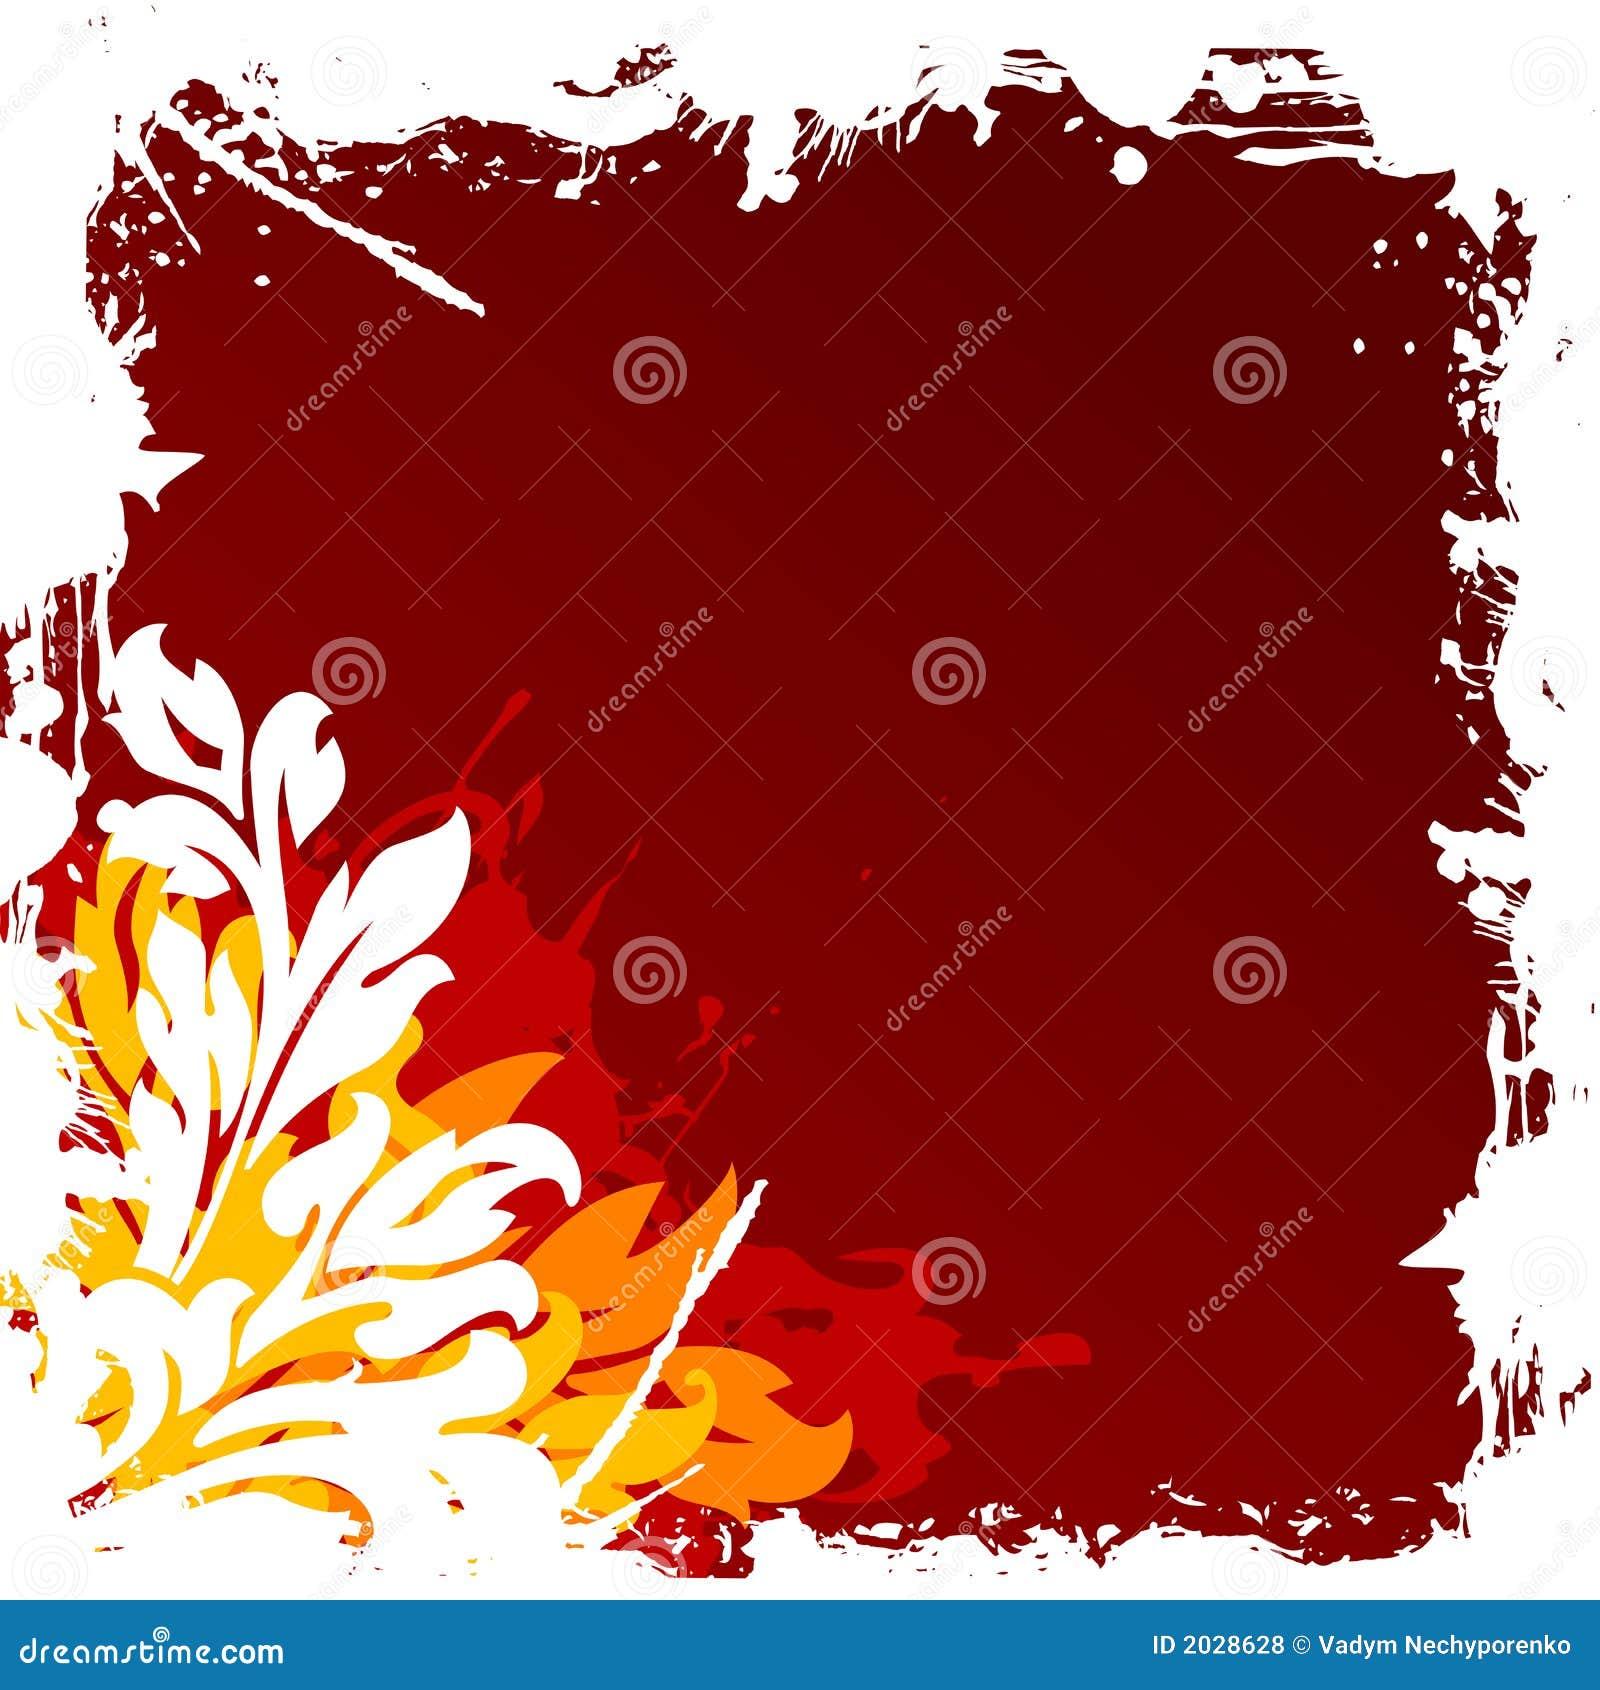 Ilustração decorativa floral do vetor do fundo do grunge abstrato